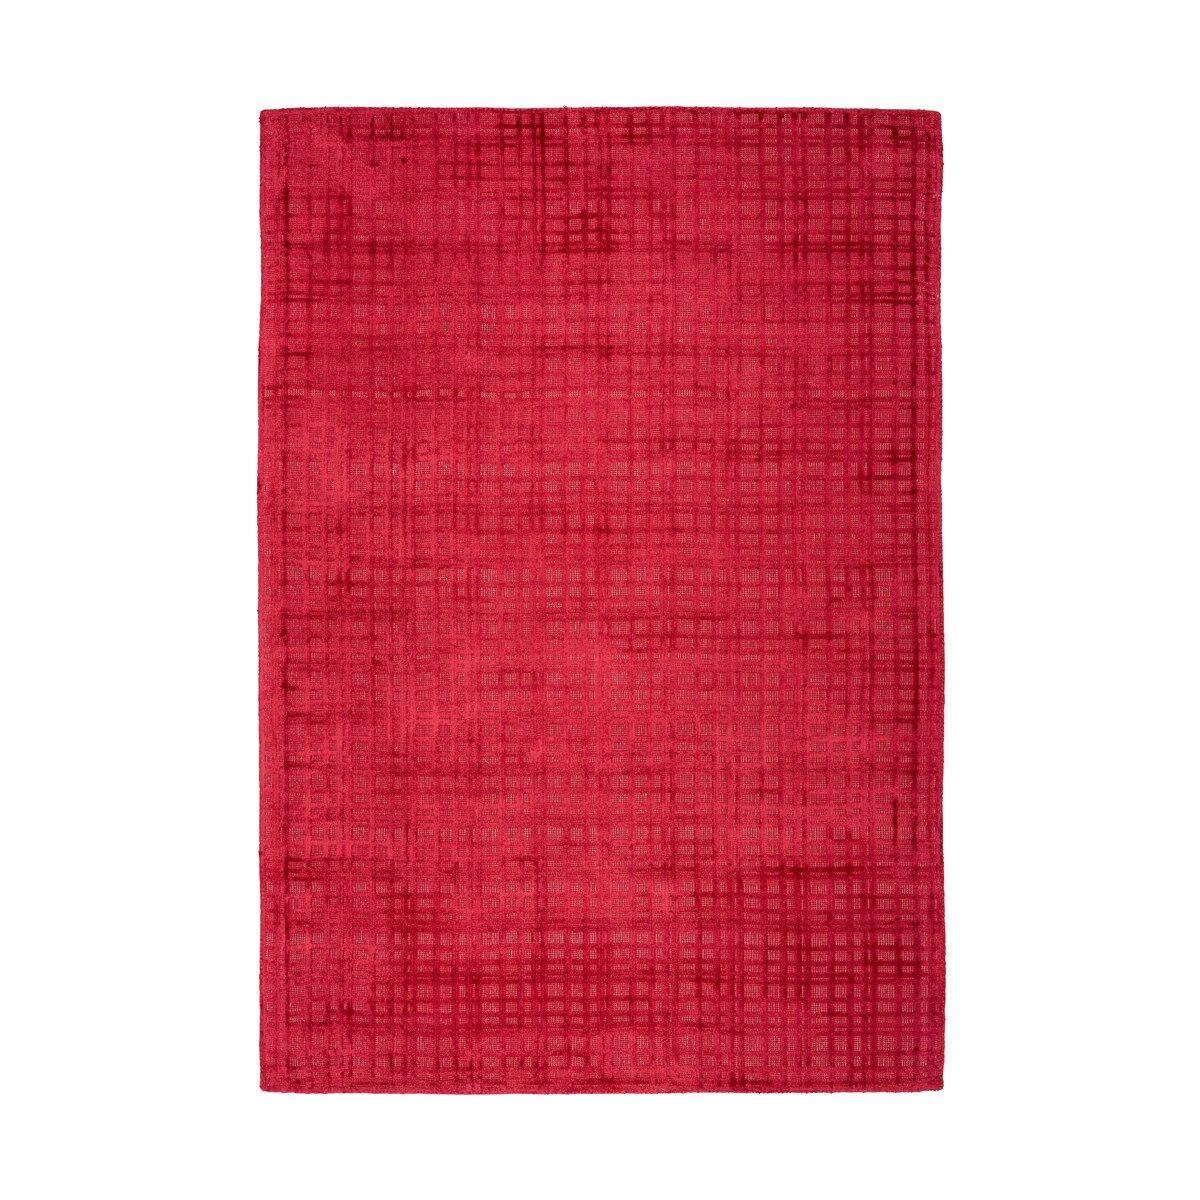 Novatrend Tapis moderne fait main en Viscose Rouge cerise 80x150 cm